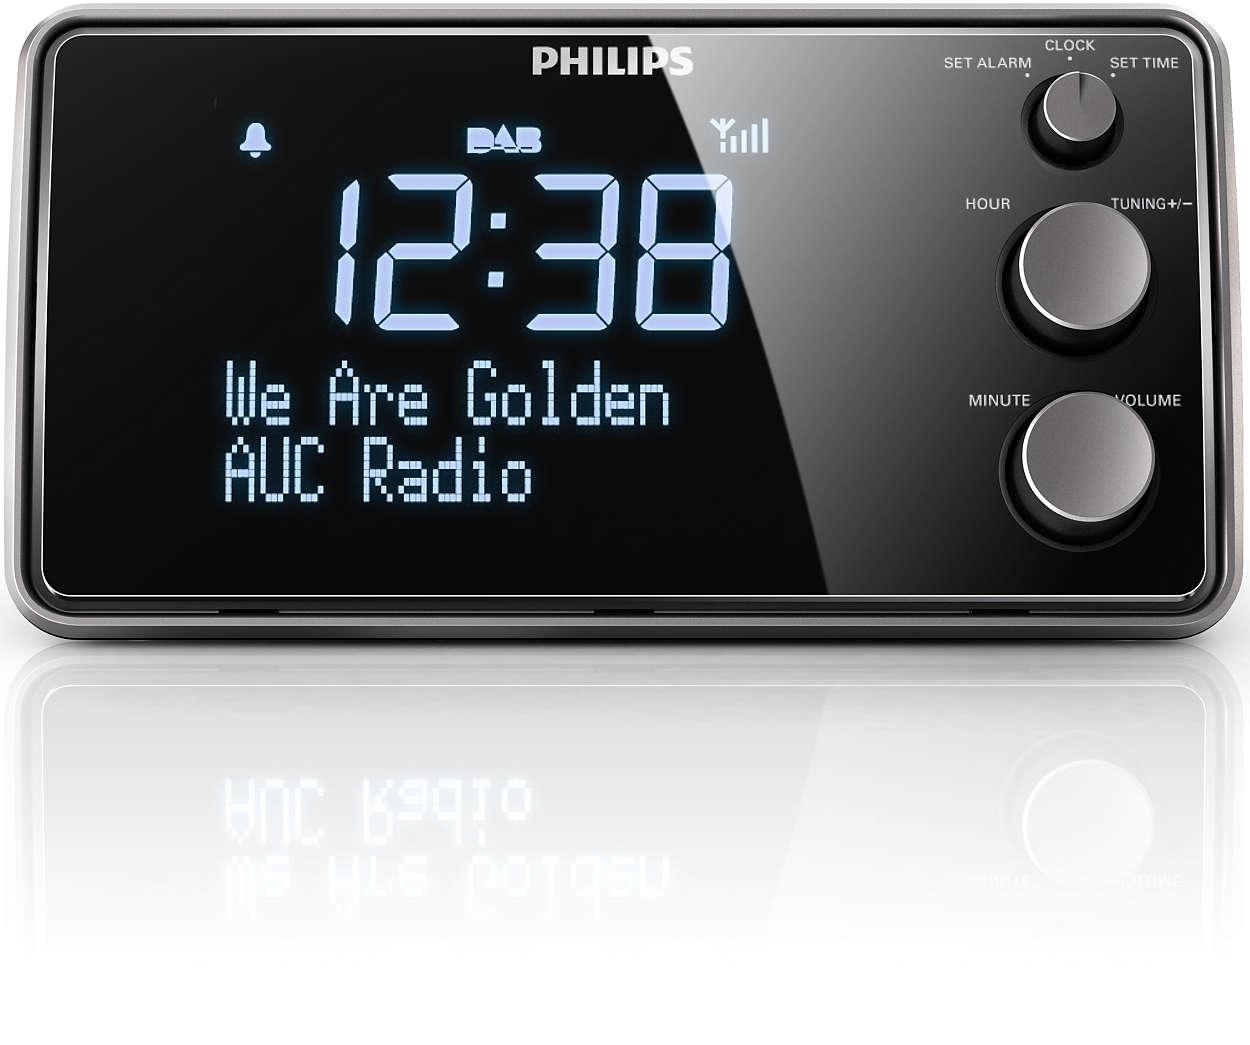 Réveillez-vous au son cristallin de la radio numérique DAB+